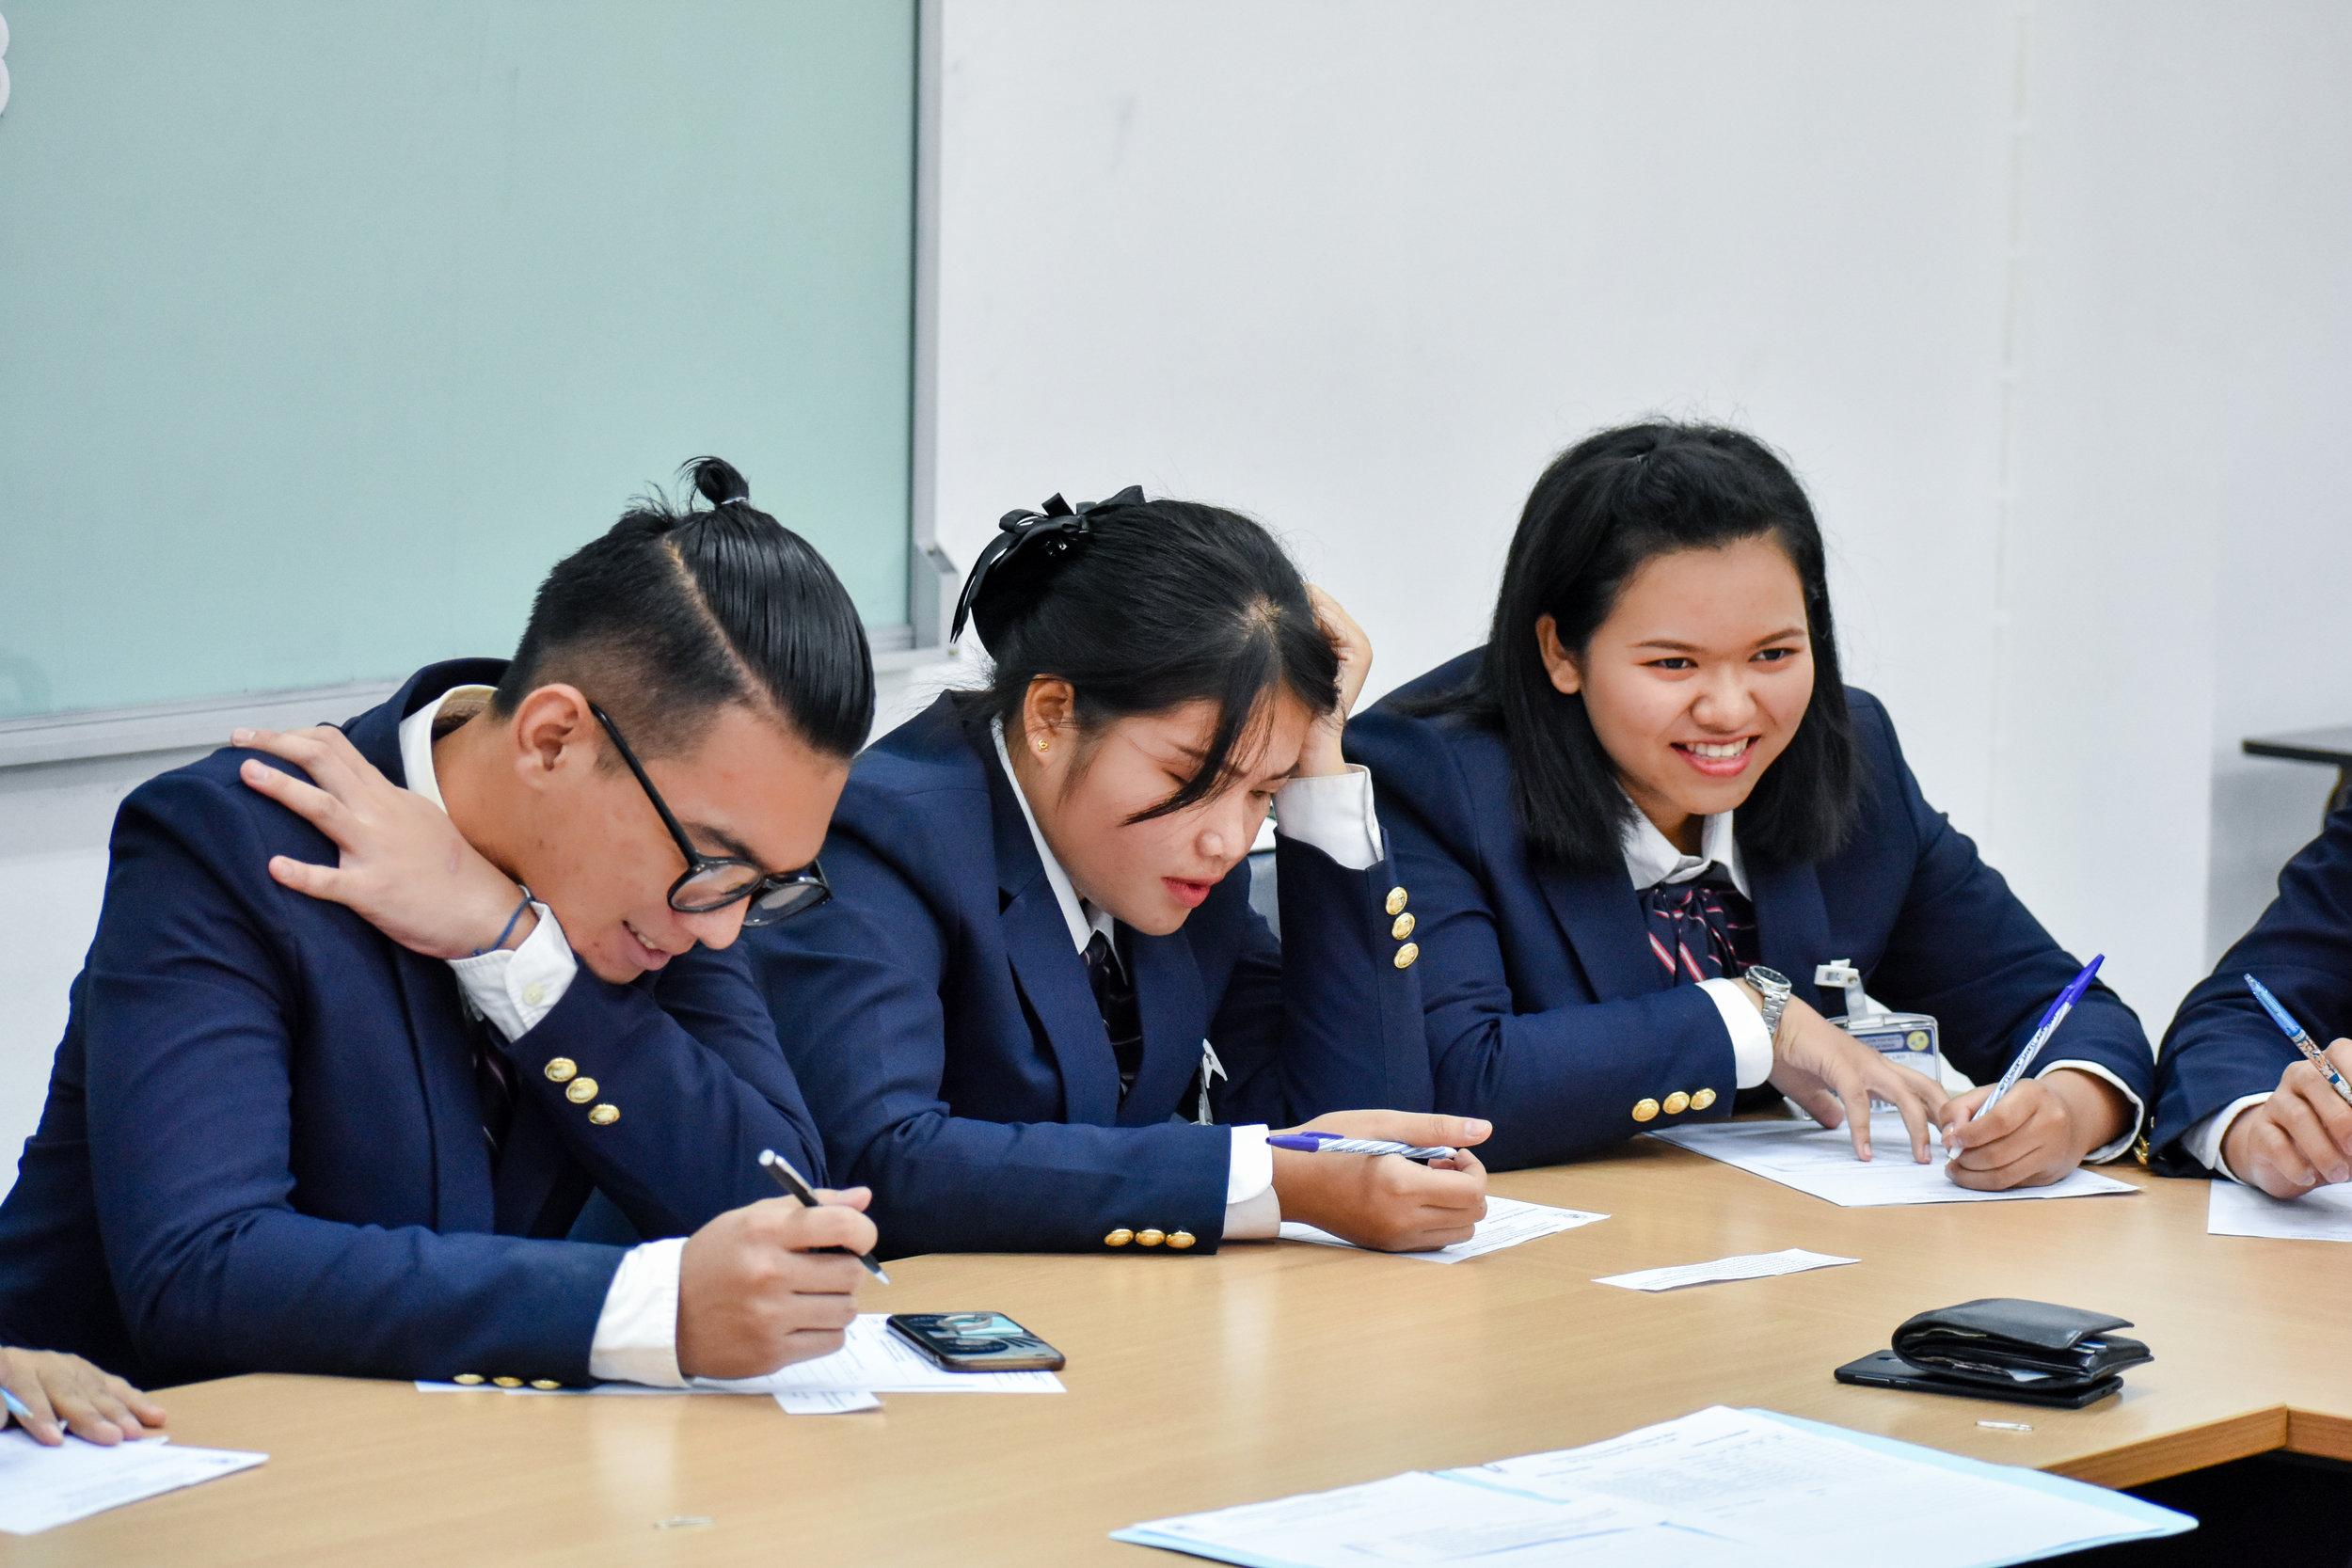 internship seminar  (8 of 8).jpg